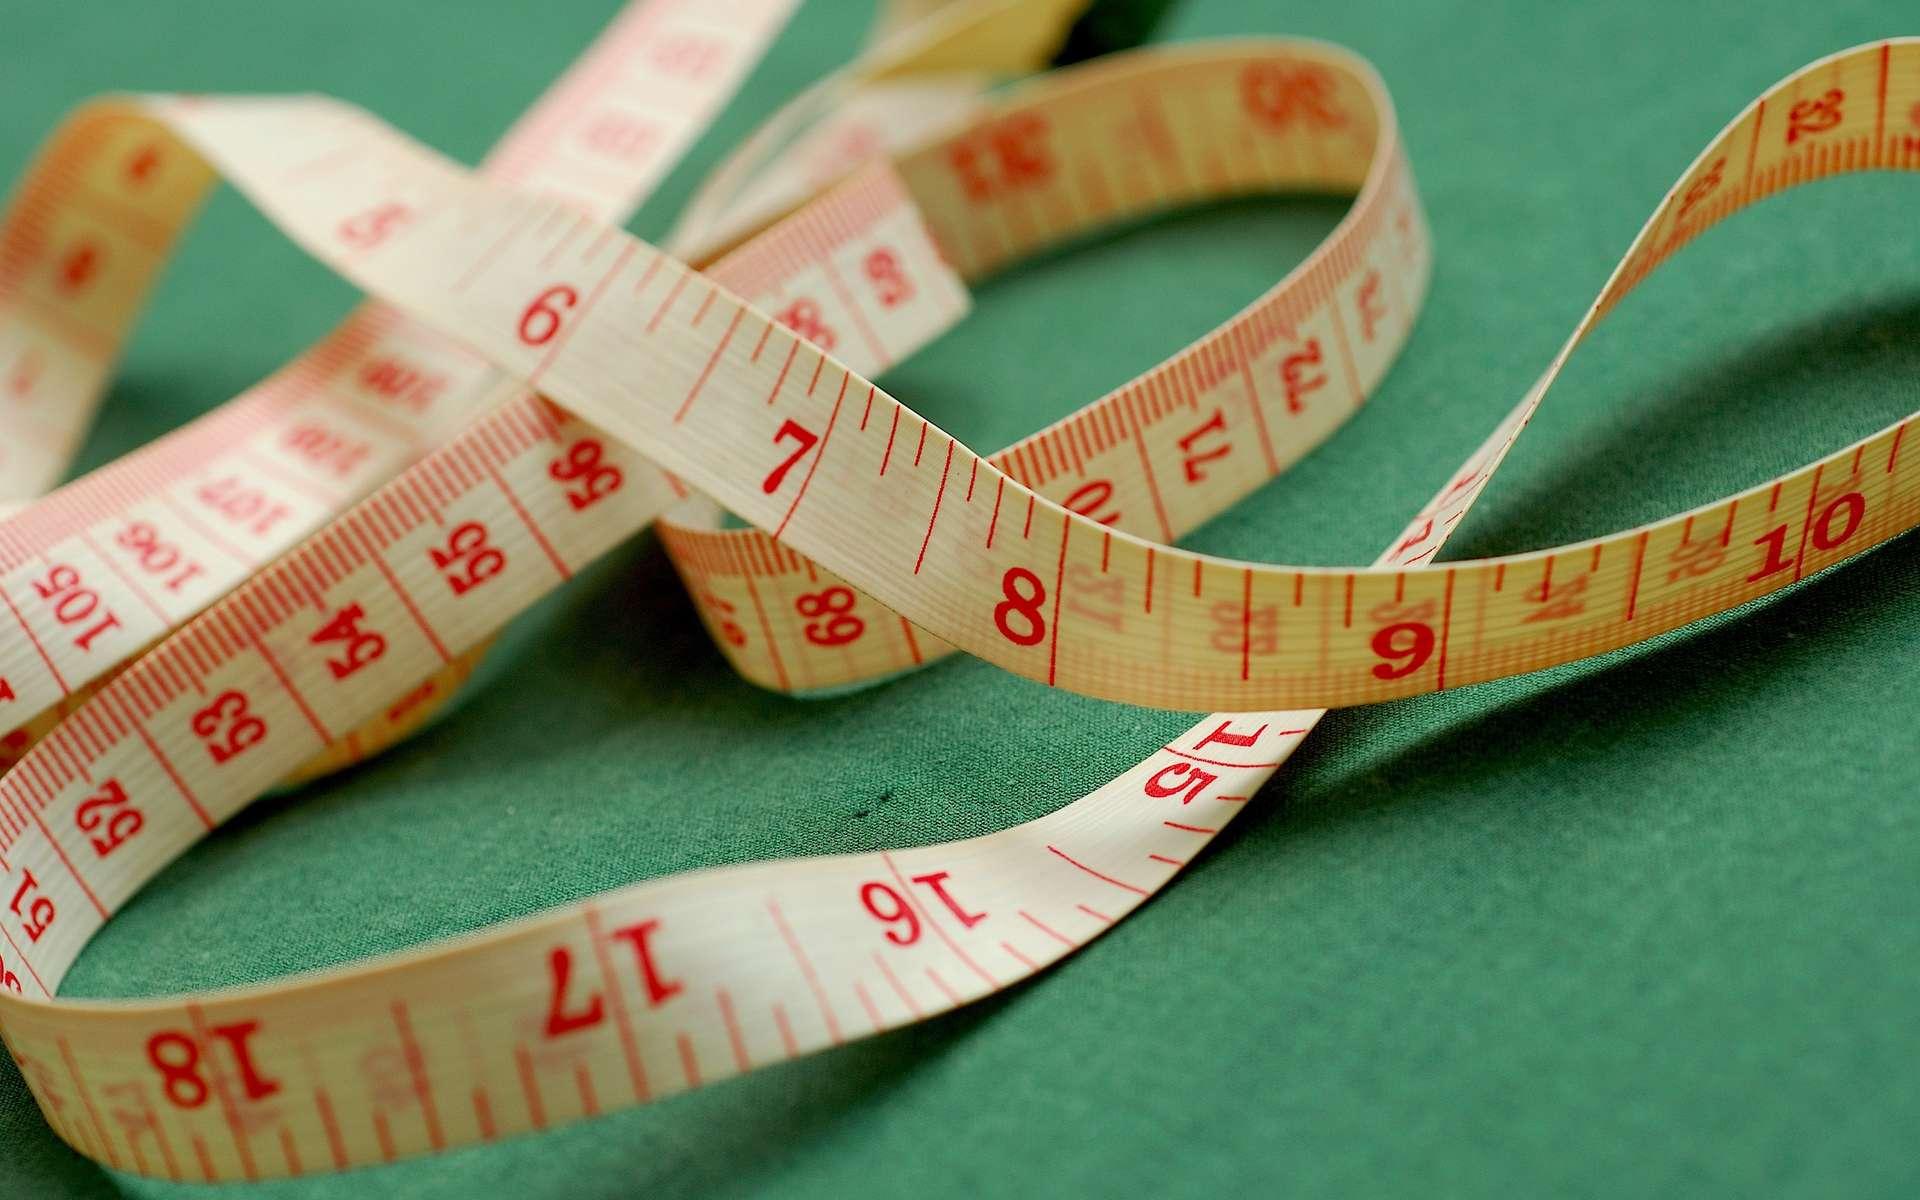 L'obésité est à l'origine de nombreuses maladies parfois mortelles, comme le diabète ou des pathologies cardiovasculaires. Dans le monde, le surpoids a atteint le stade pandémique, et il y a désormais davantage de gens qui souffrent de trop manger que de personnes en situation de malnutrition. Et encore, la situation pourrait être pire que prévue, puisque l'IMC, indicateur très utilisé, pourrait sous-estimer l'obésité... © Rolenf-Stock Free Images